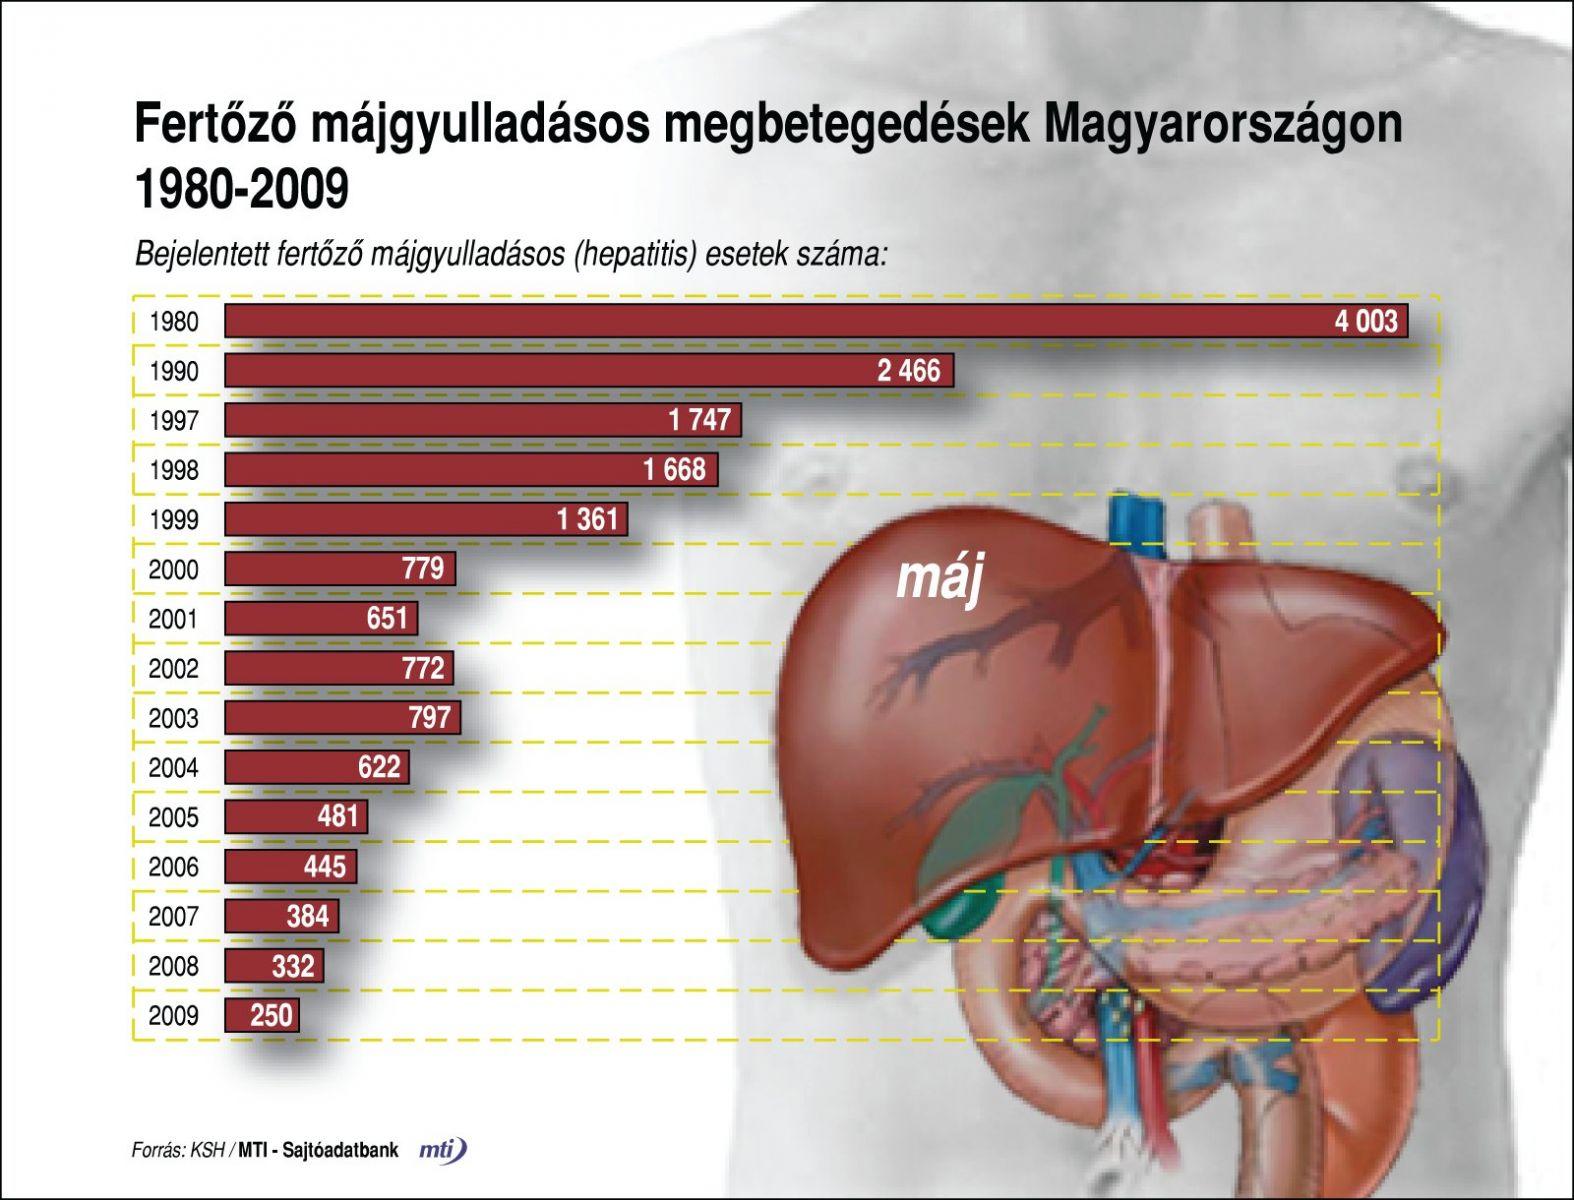 pvt hepatitis és ízületi fájdalmak kezelésére)